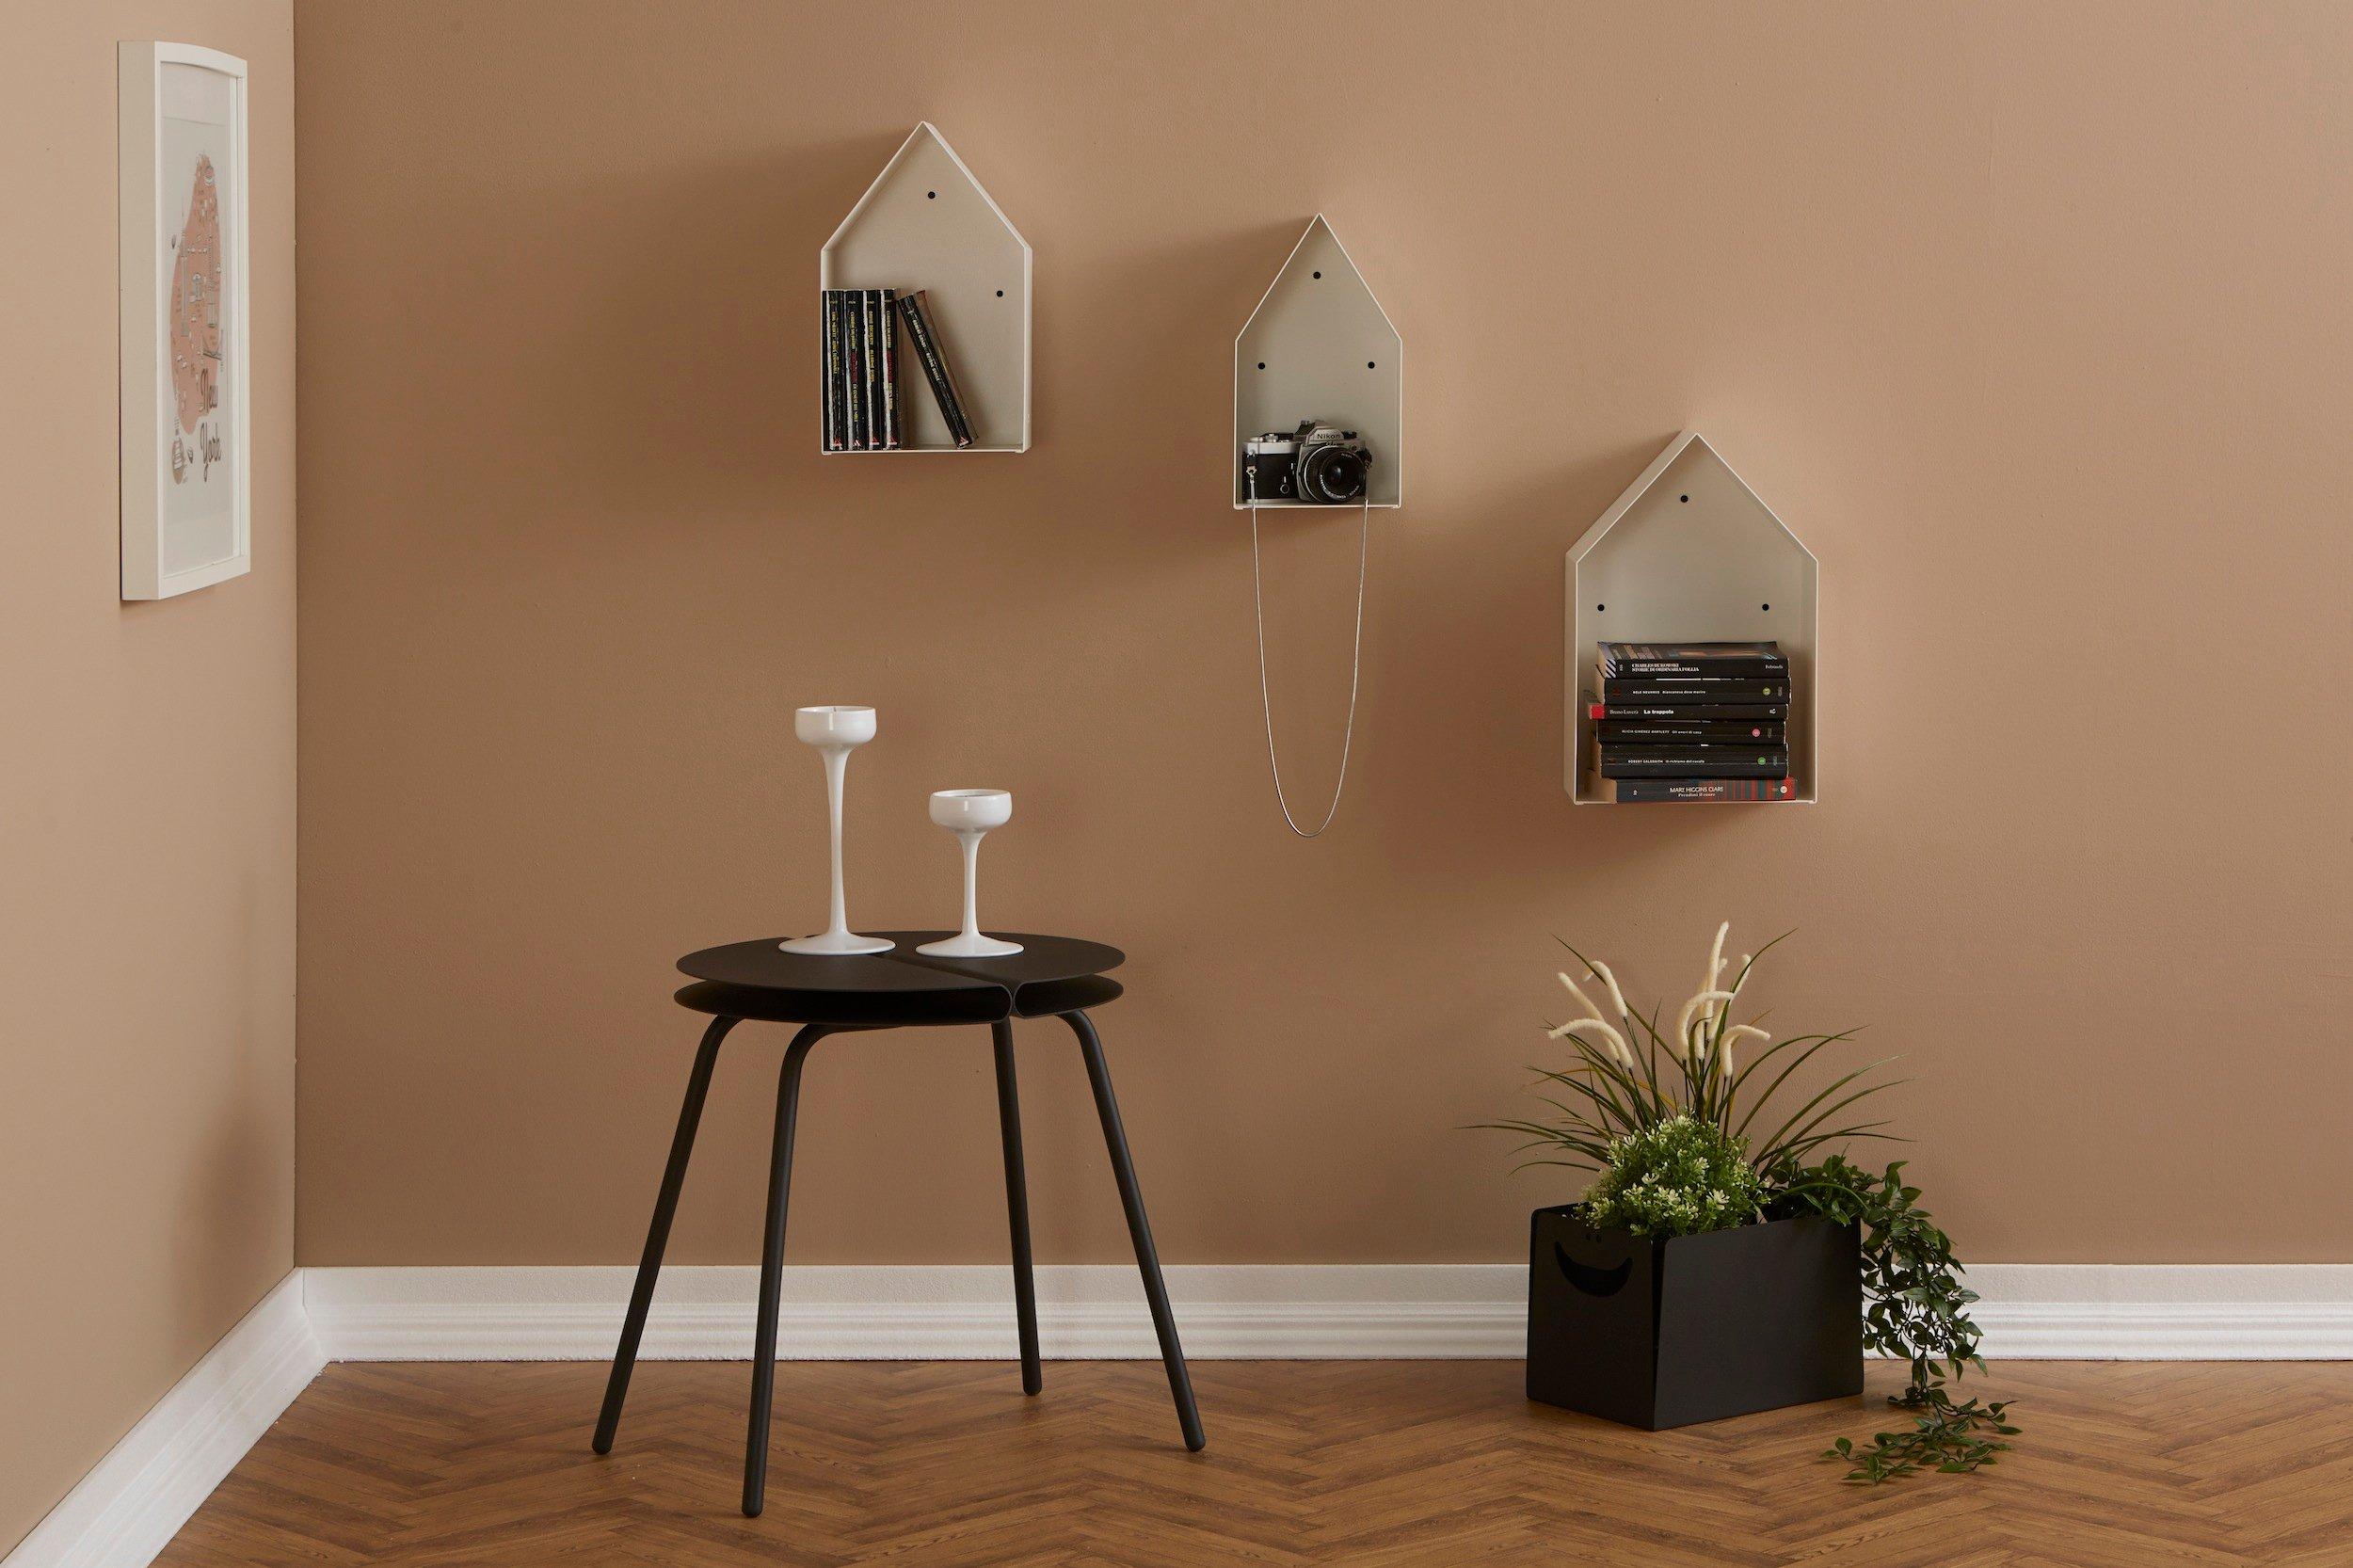 Parete beige salotto con tavolino e mensole casette alla parete